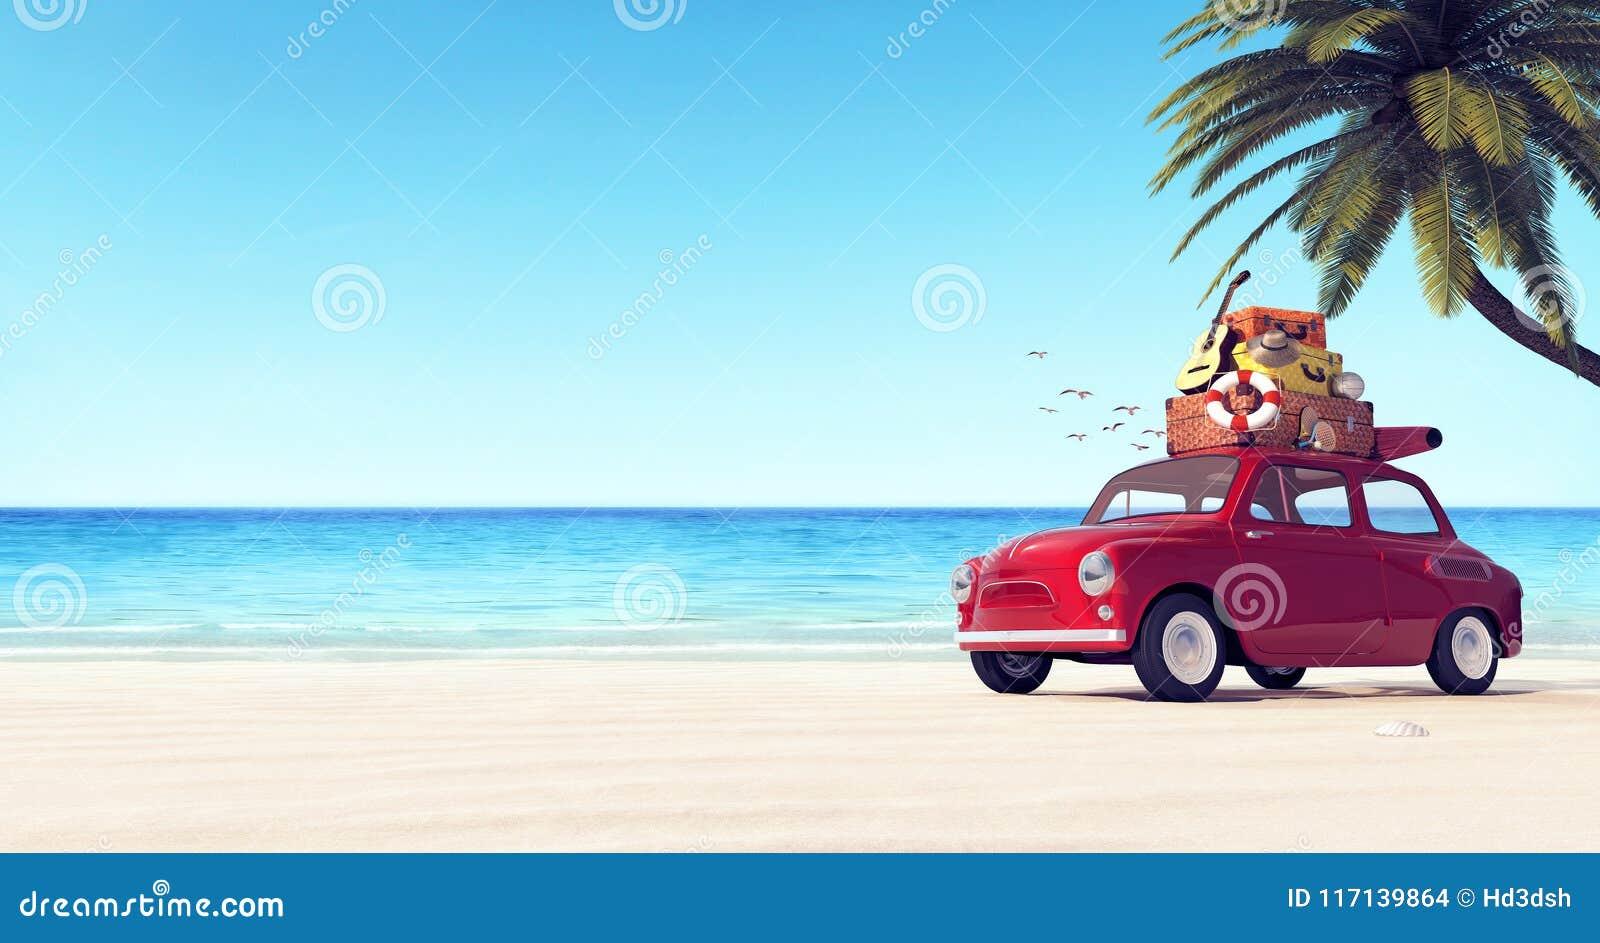 Coche con equipaje en el tejado en la playa lista para las vacaciones de verano